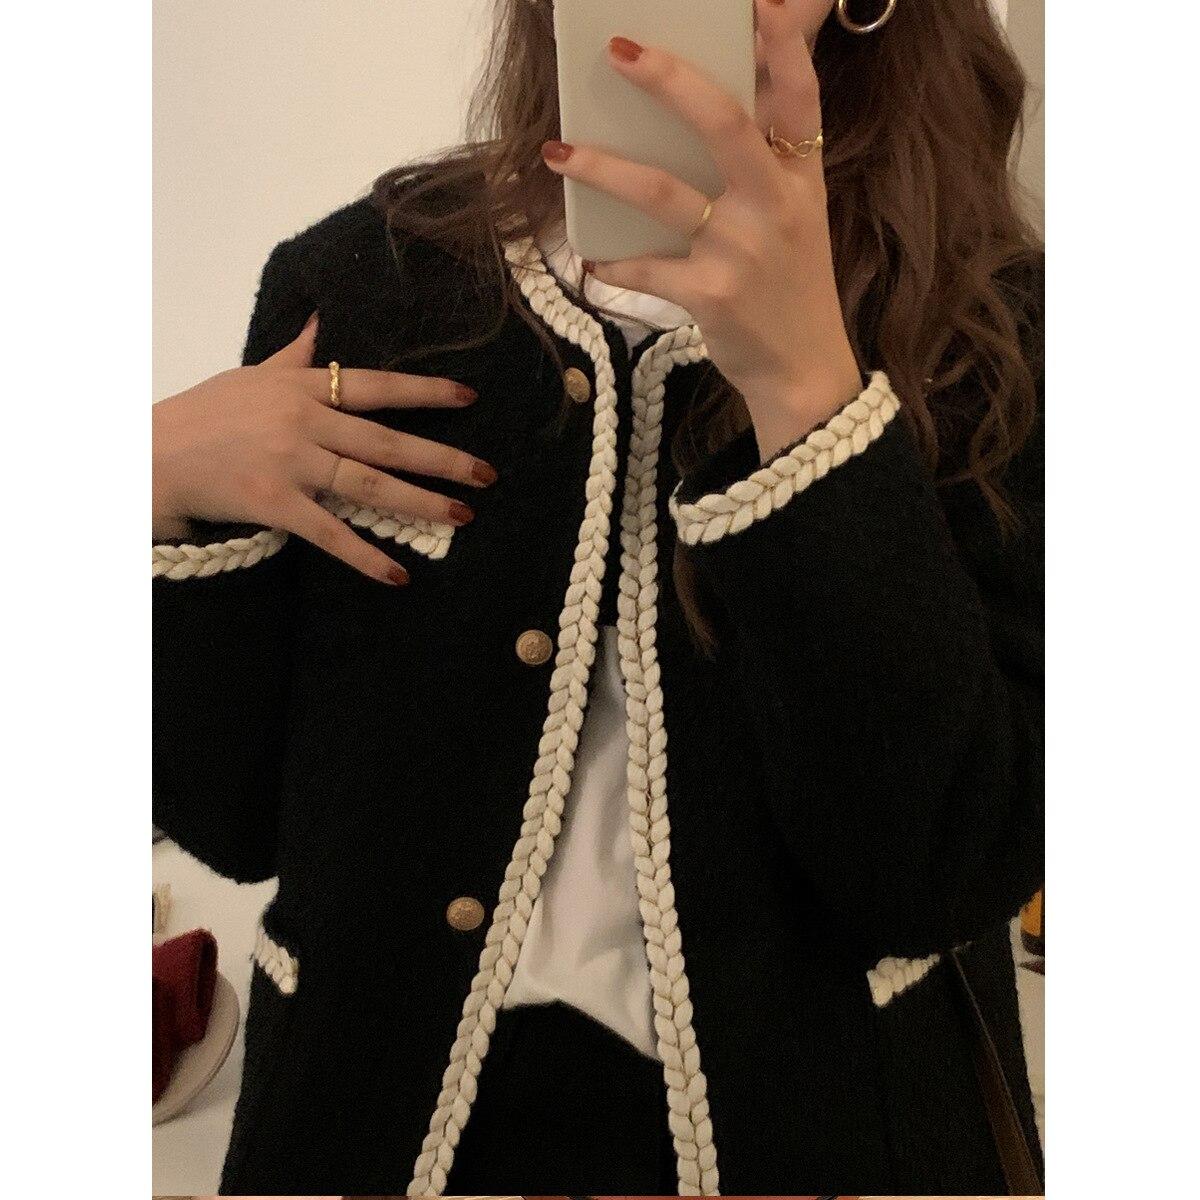 جاكيت أسود قصير بتصميم قوطي عتيق للنساء ملابس فاخرة مصممة للخريف والشتاء بتصميم هاراجوكو الكورية ملابس خروج أنيقة